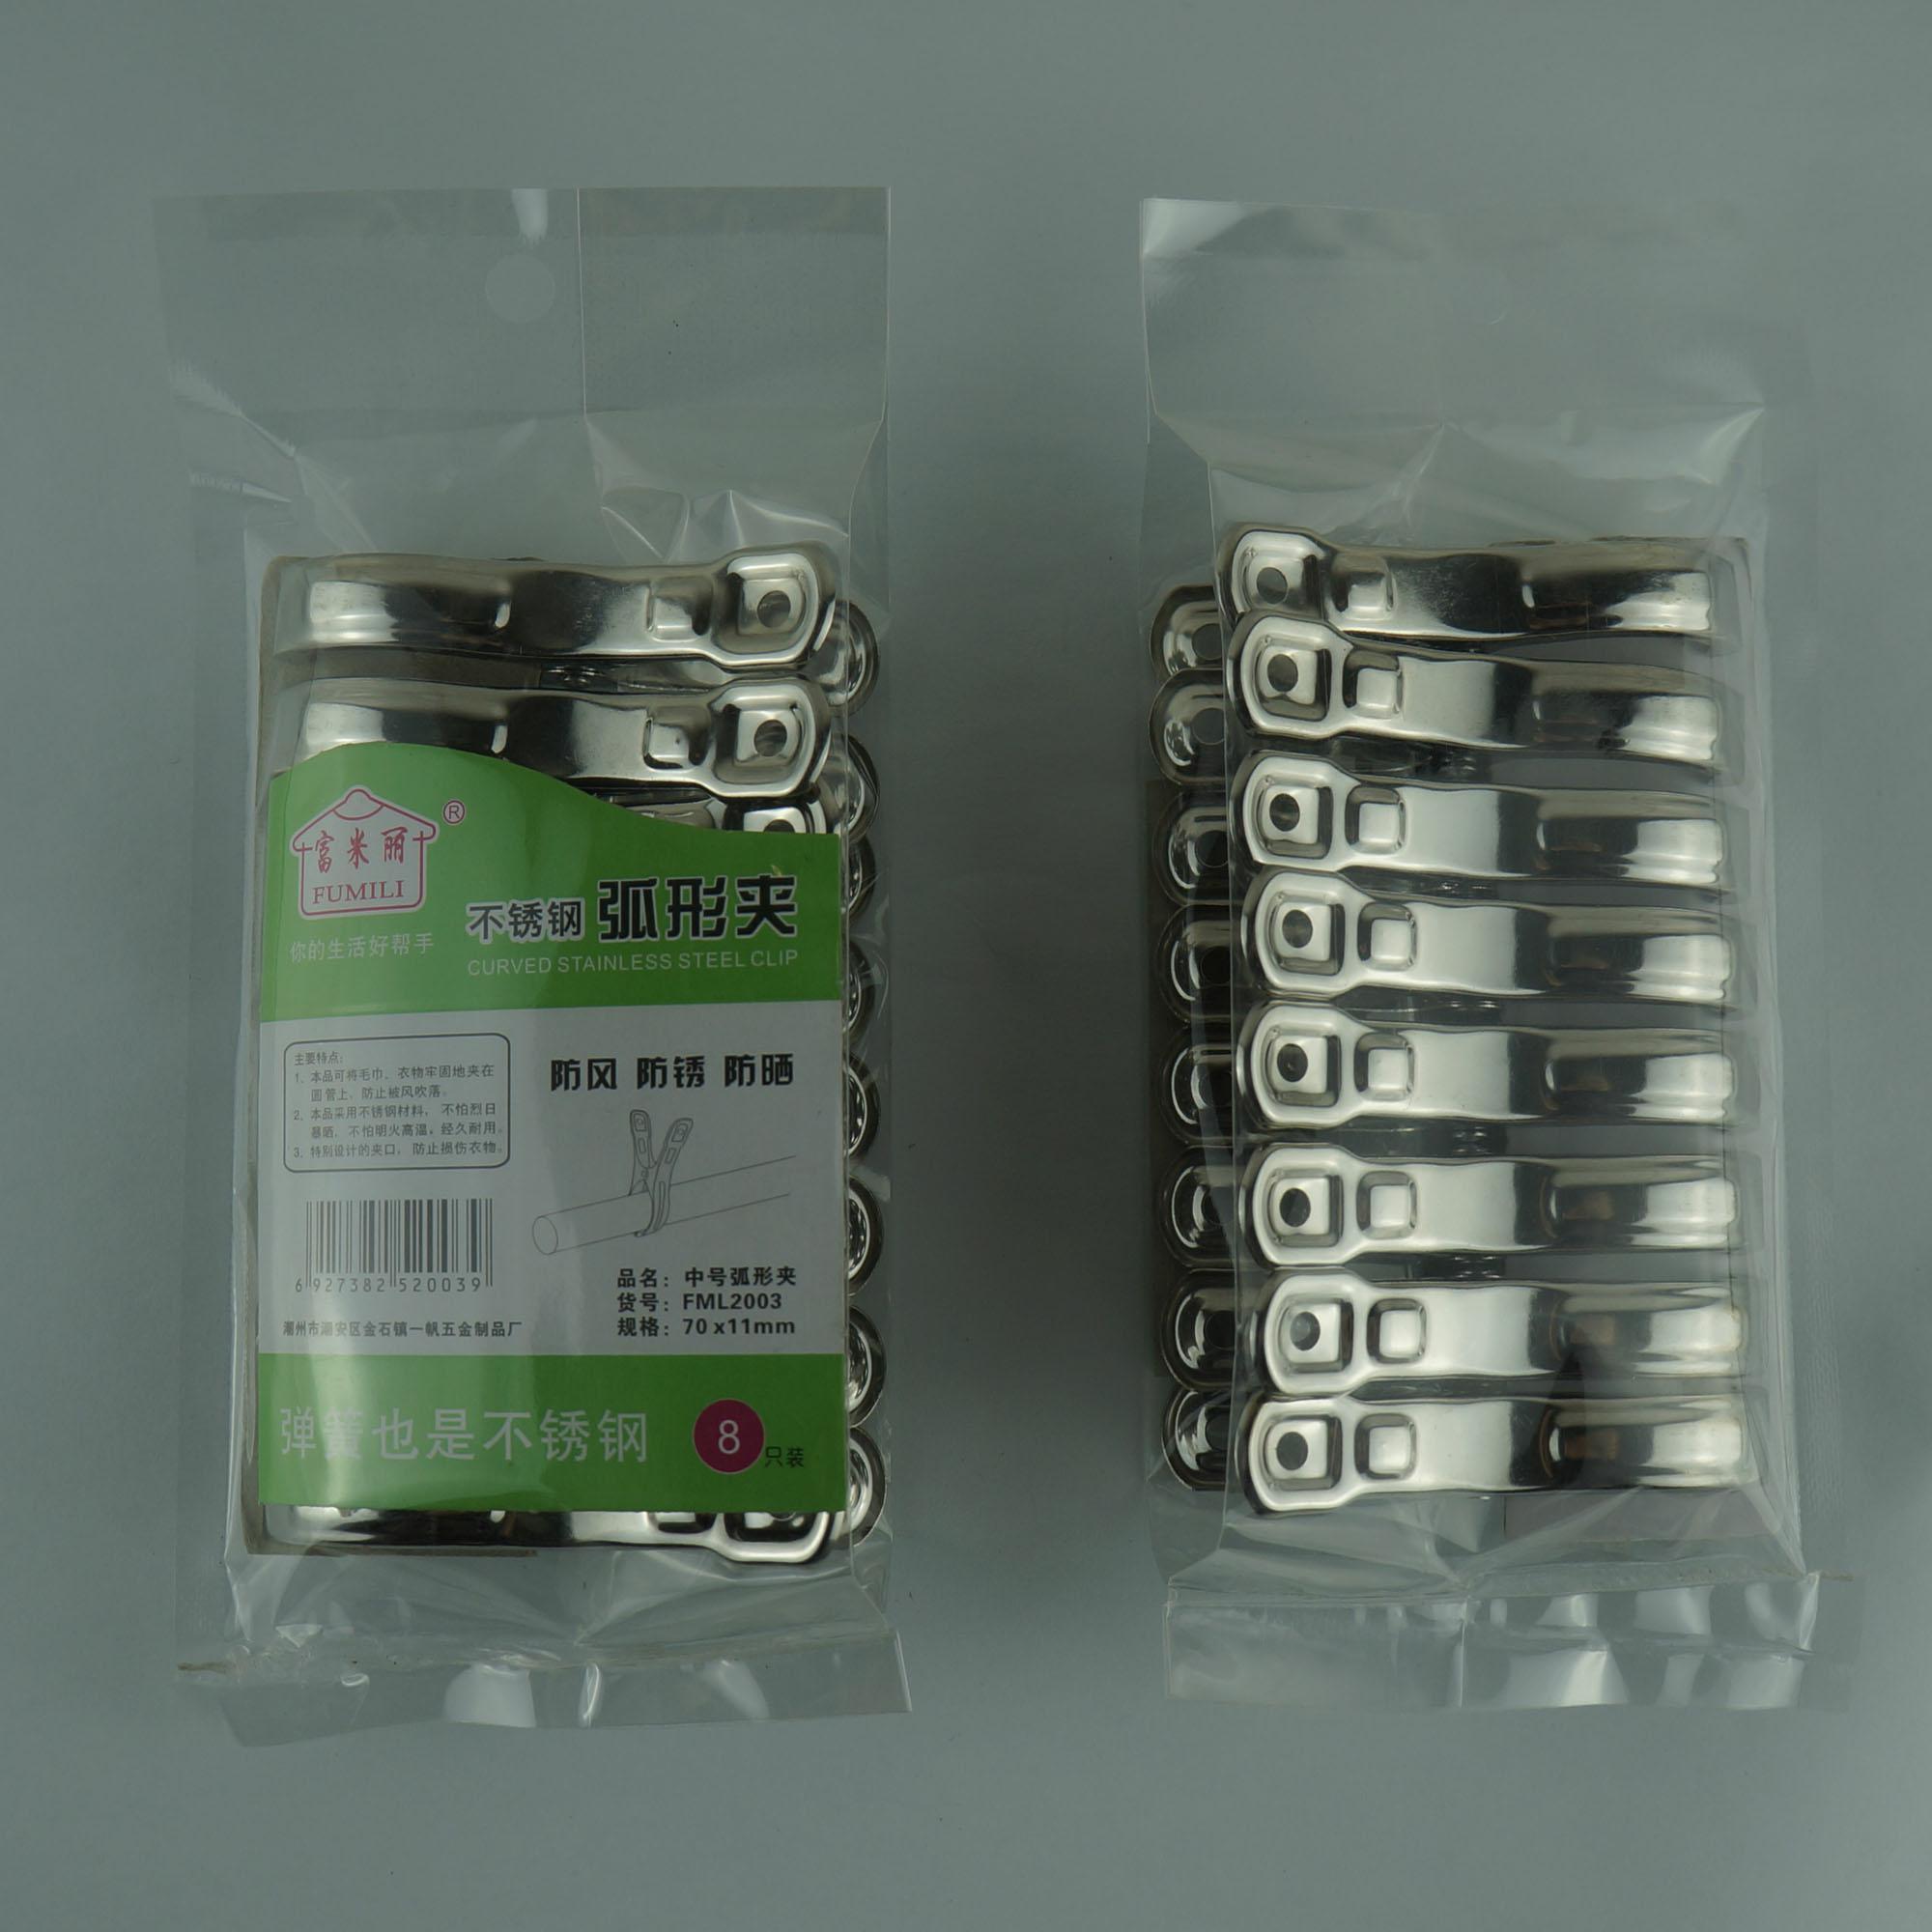 工廠直銷 富米麗 中號不鏽鋼弧形棉被夾 衣夾(M)彩卡包裝 1